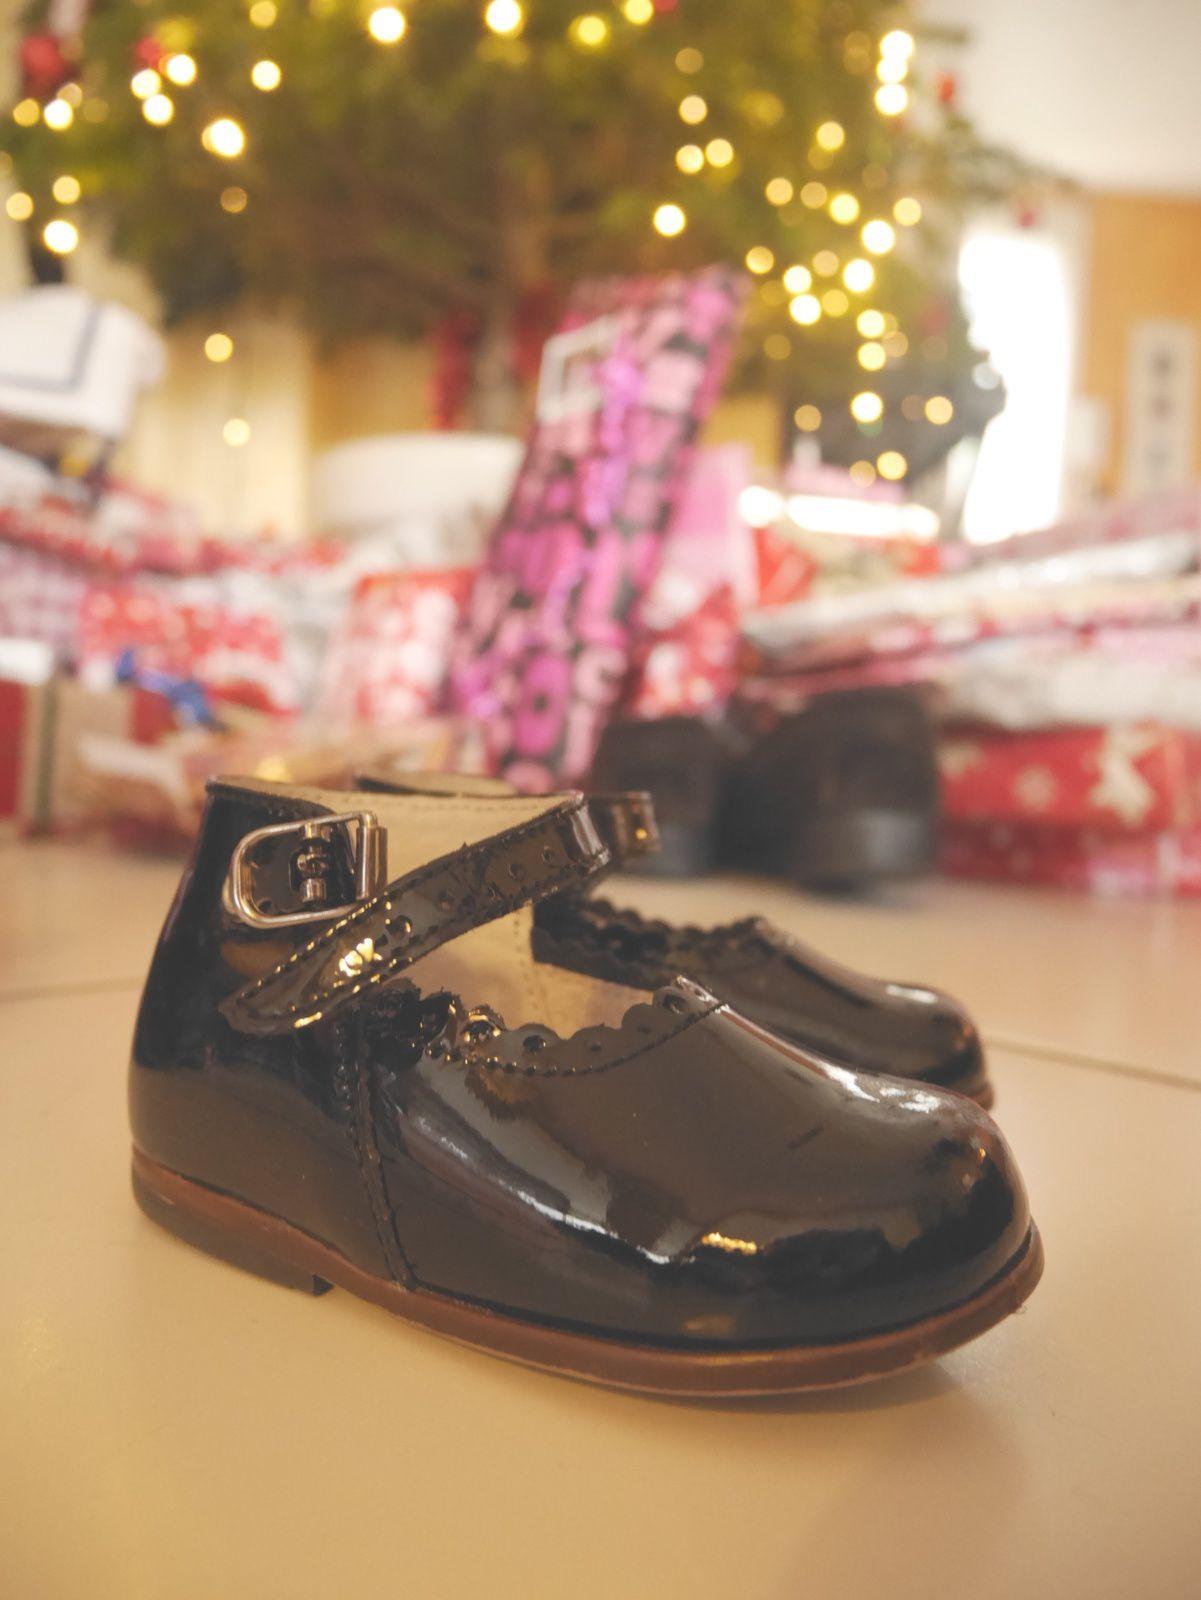 8. Avoir mis les chaussures sous le sapin en attendant le Père Noël